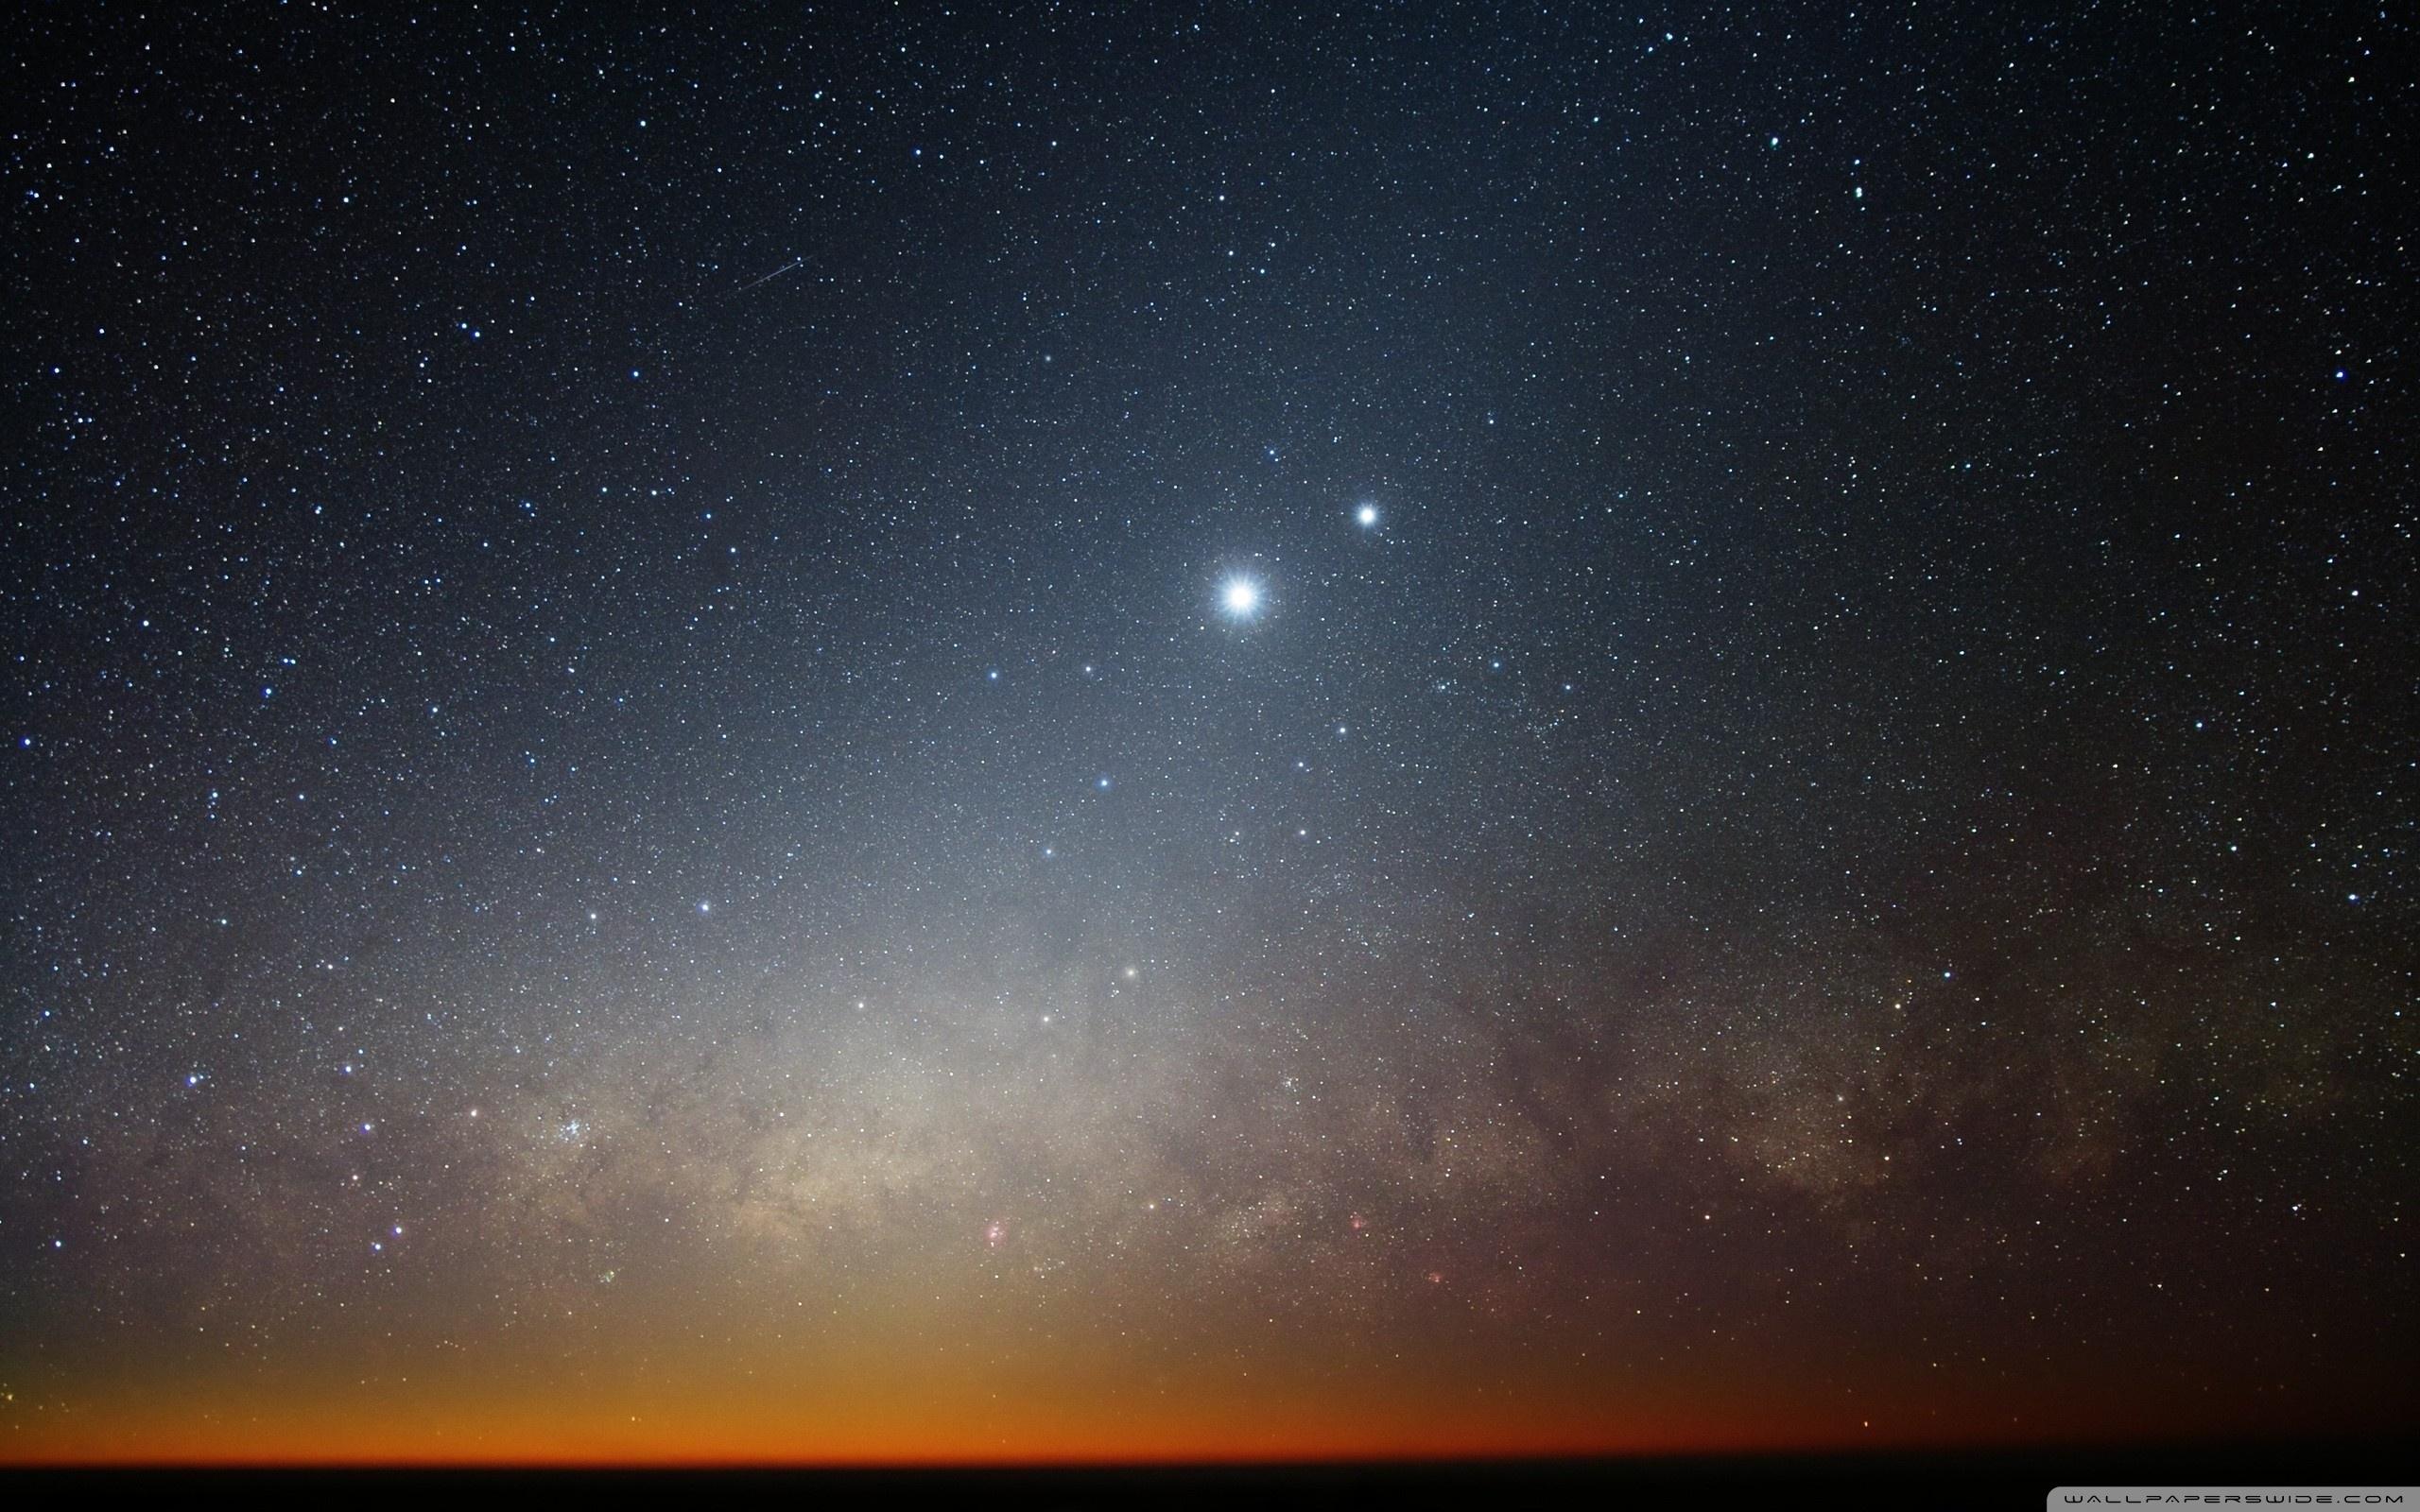 stars in the sky ❤ 4k hd desktop wallpaper for 4k ultra hd tv